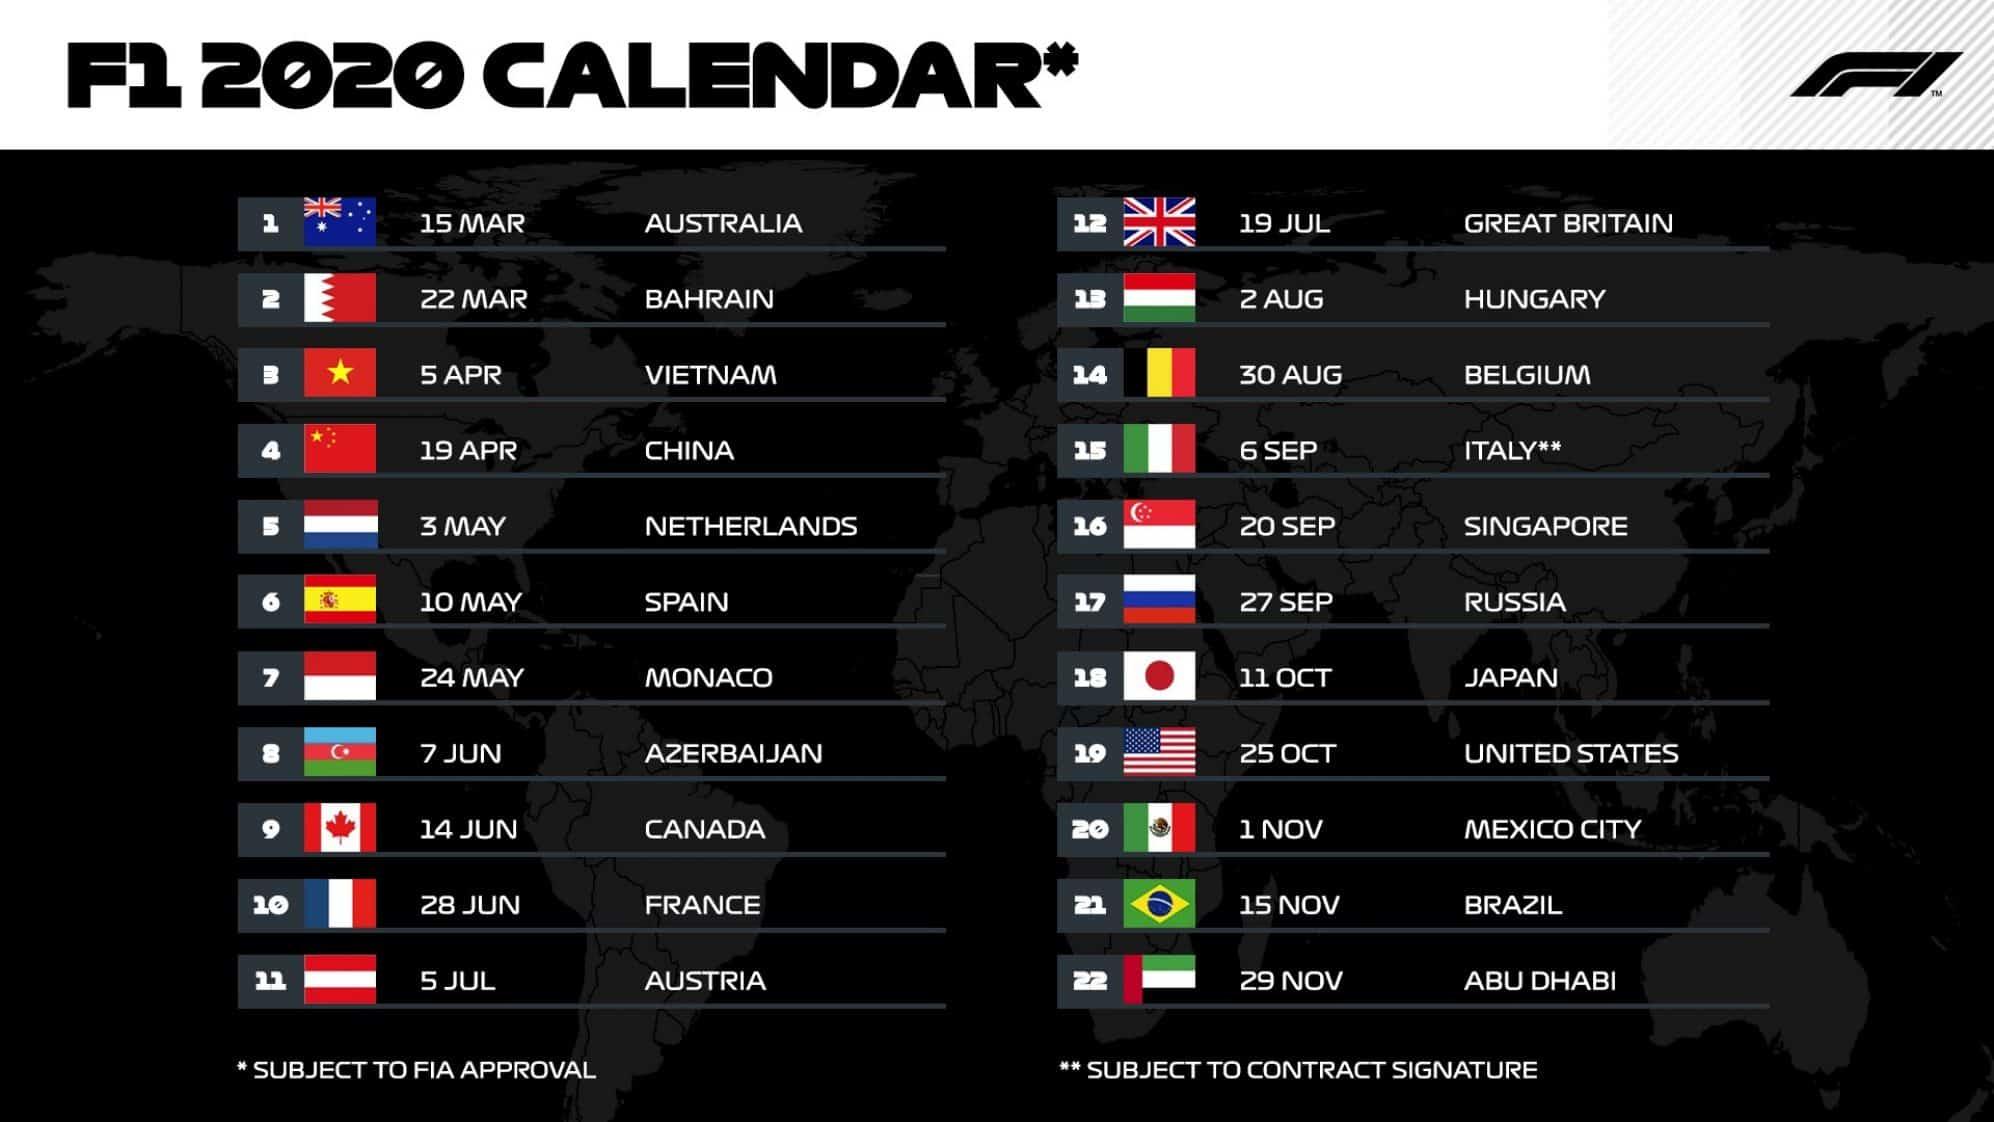 Calendario F1 2021 Orari Oggi Calendario Formula 1 2020: Date e orari Diretta TV dei Gran Premi